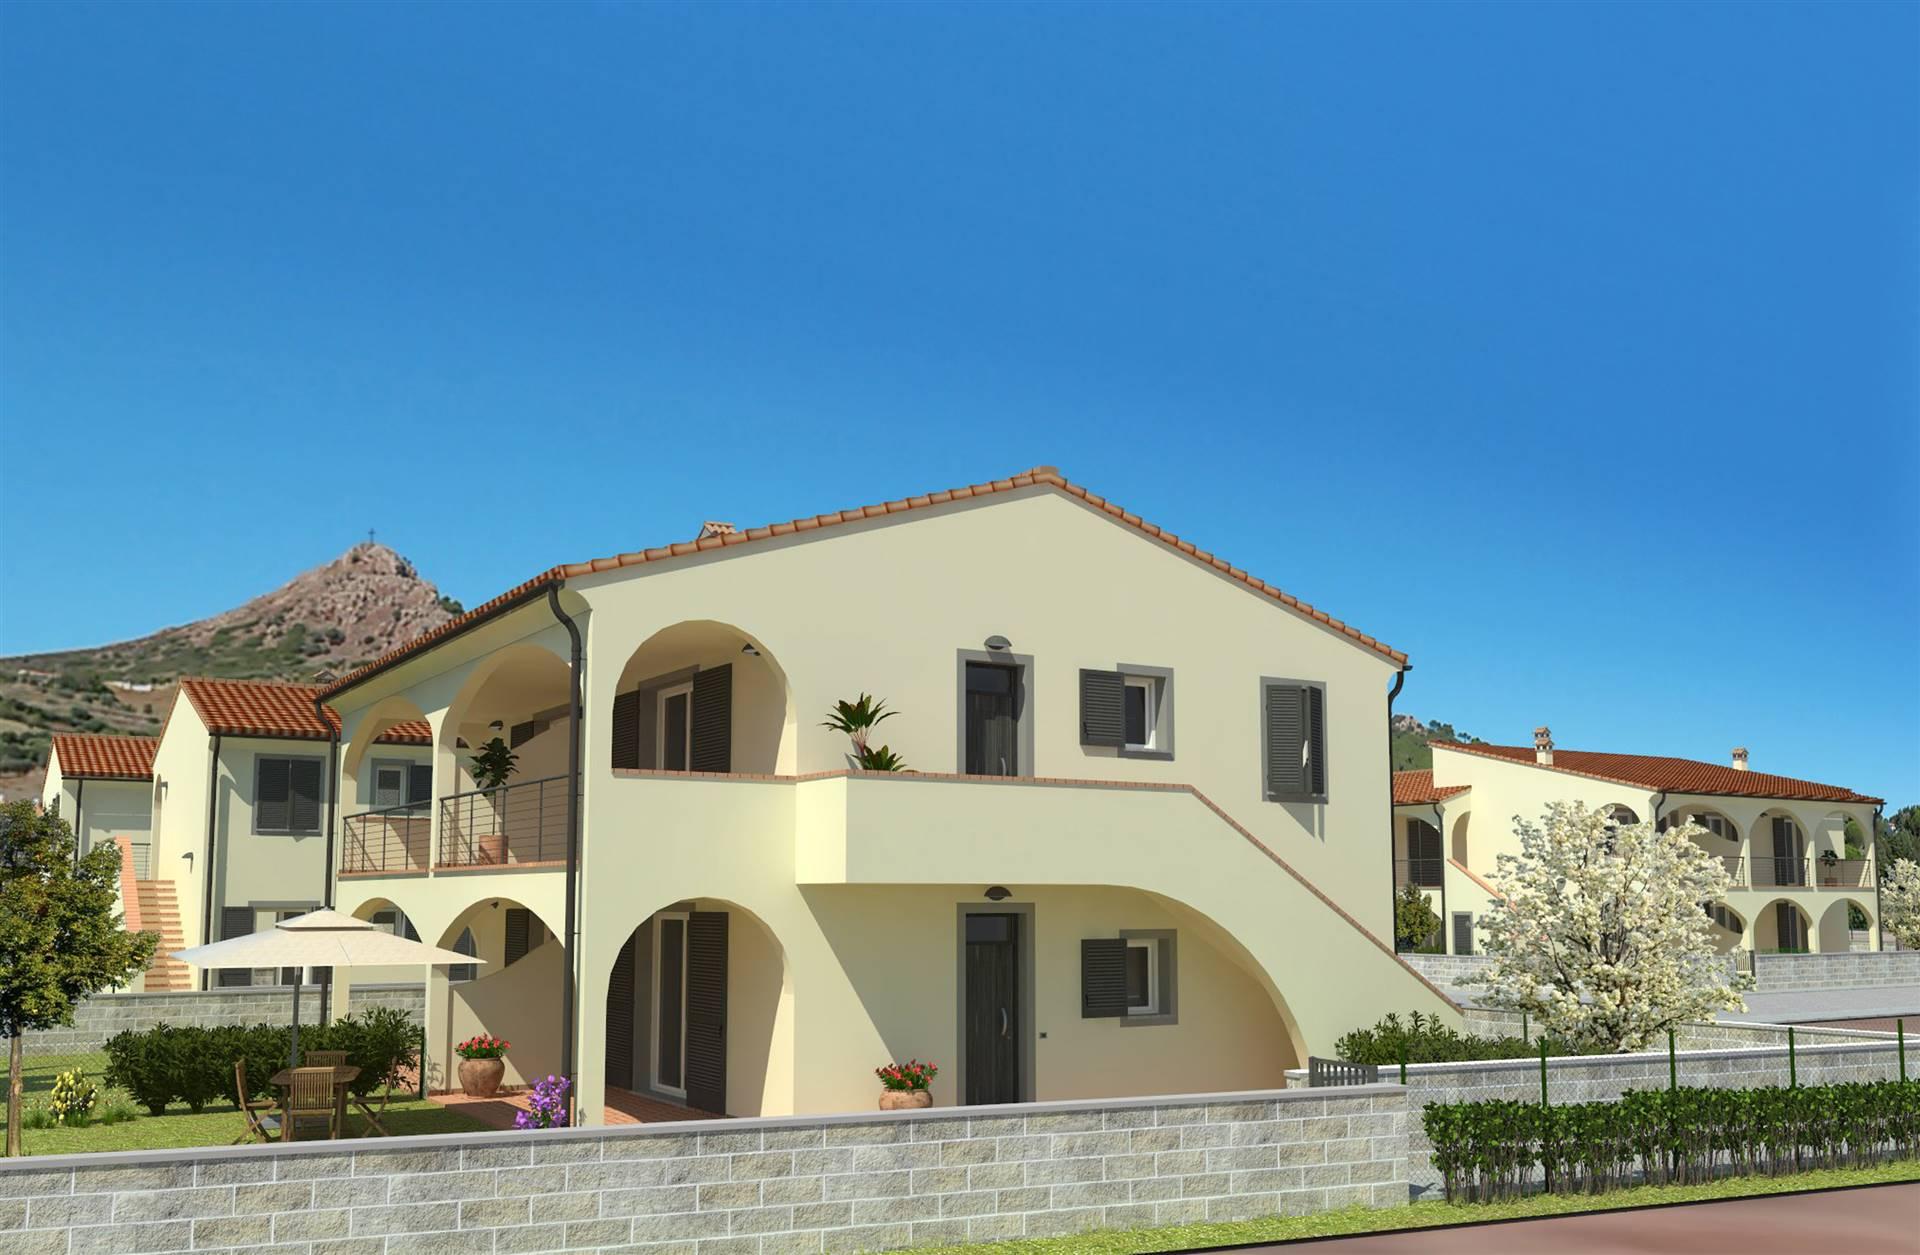 Appartamento in vendita a Porto Azzurro, 3 locali, zona arossa, prezzo € 232.000   PortaleAgenzieImmobiliari.it